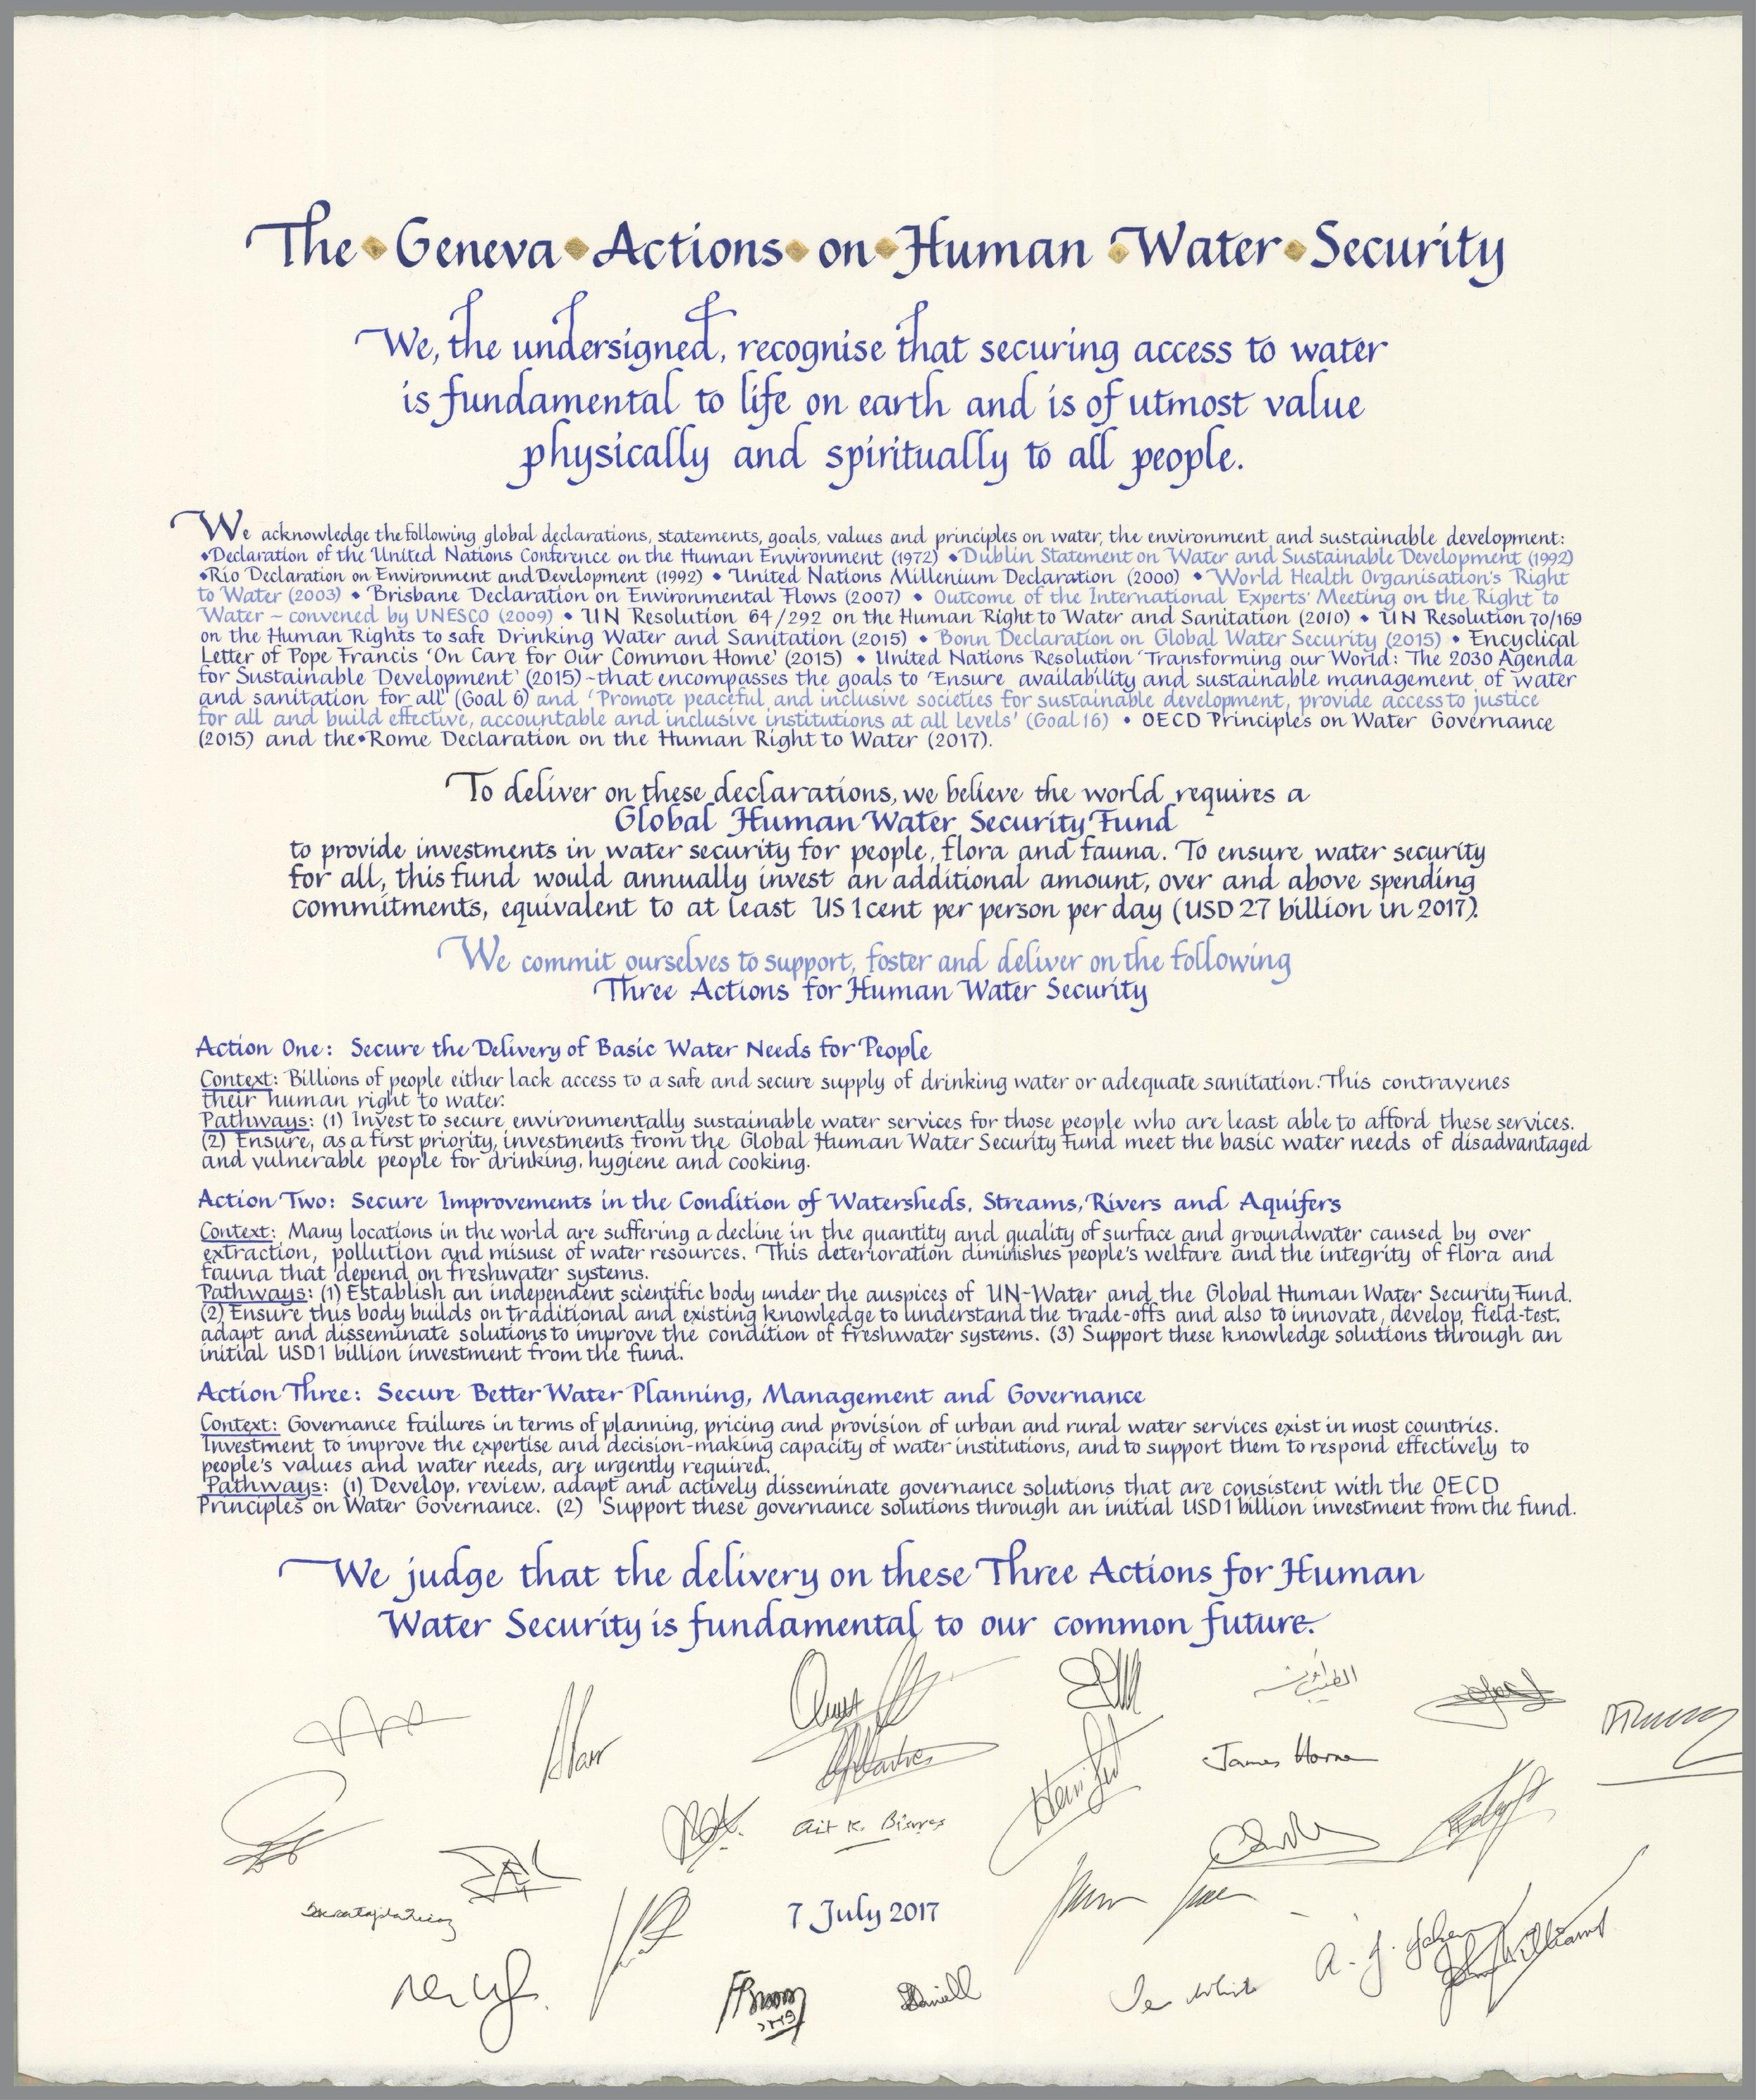 Geneva Action_Signed_medium.jpg